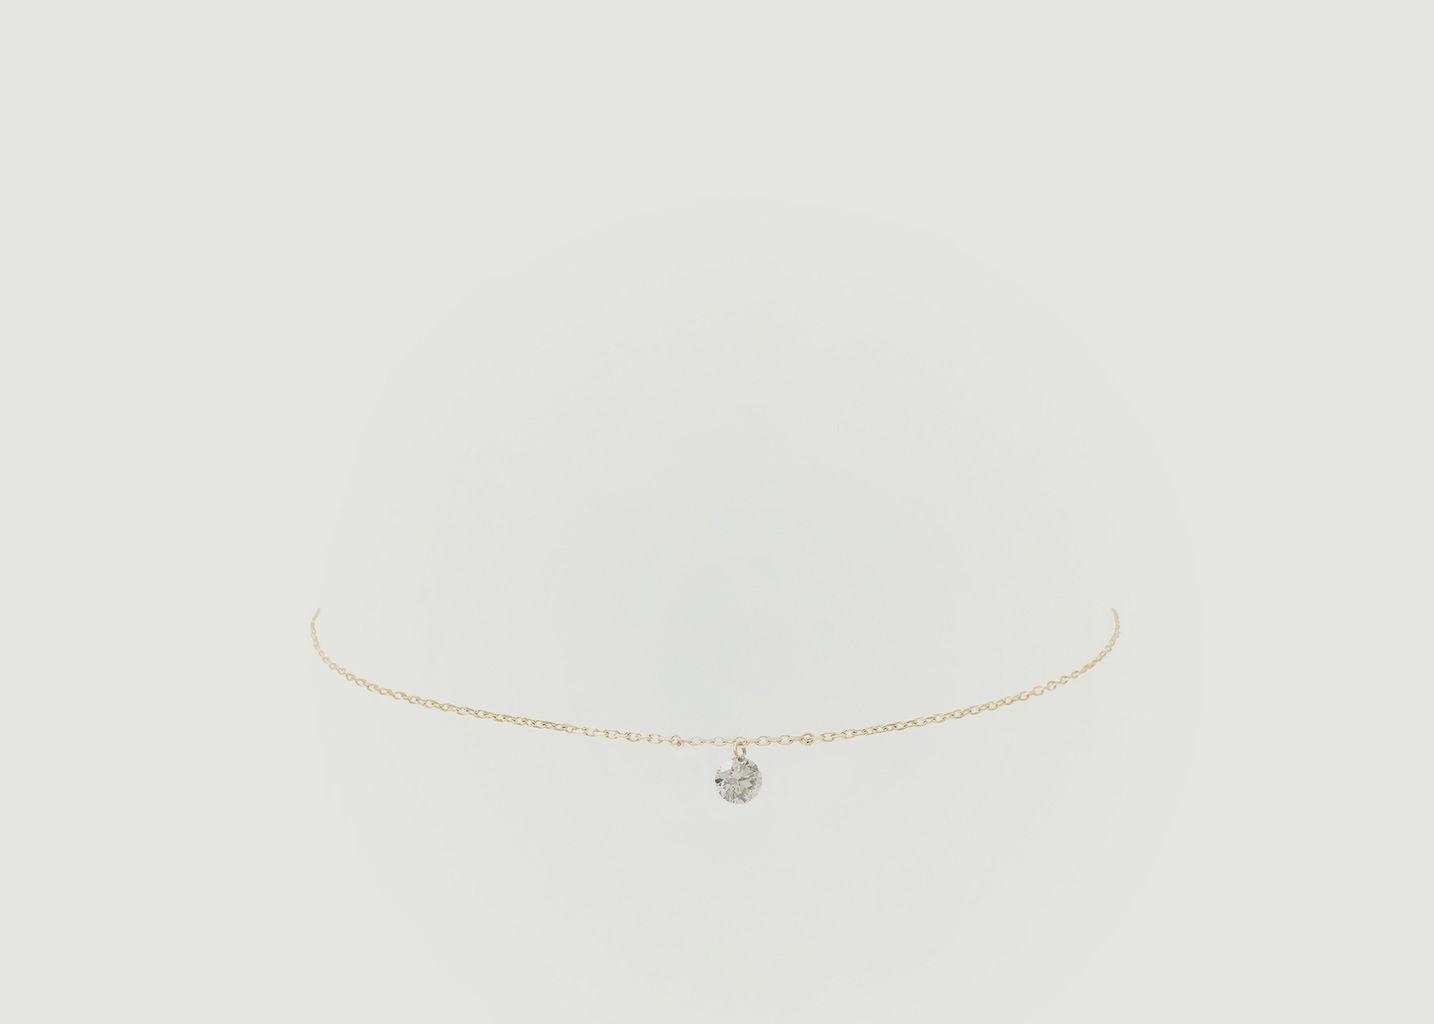 Bracelet Danaé en or 18 carats  - Persée Paris